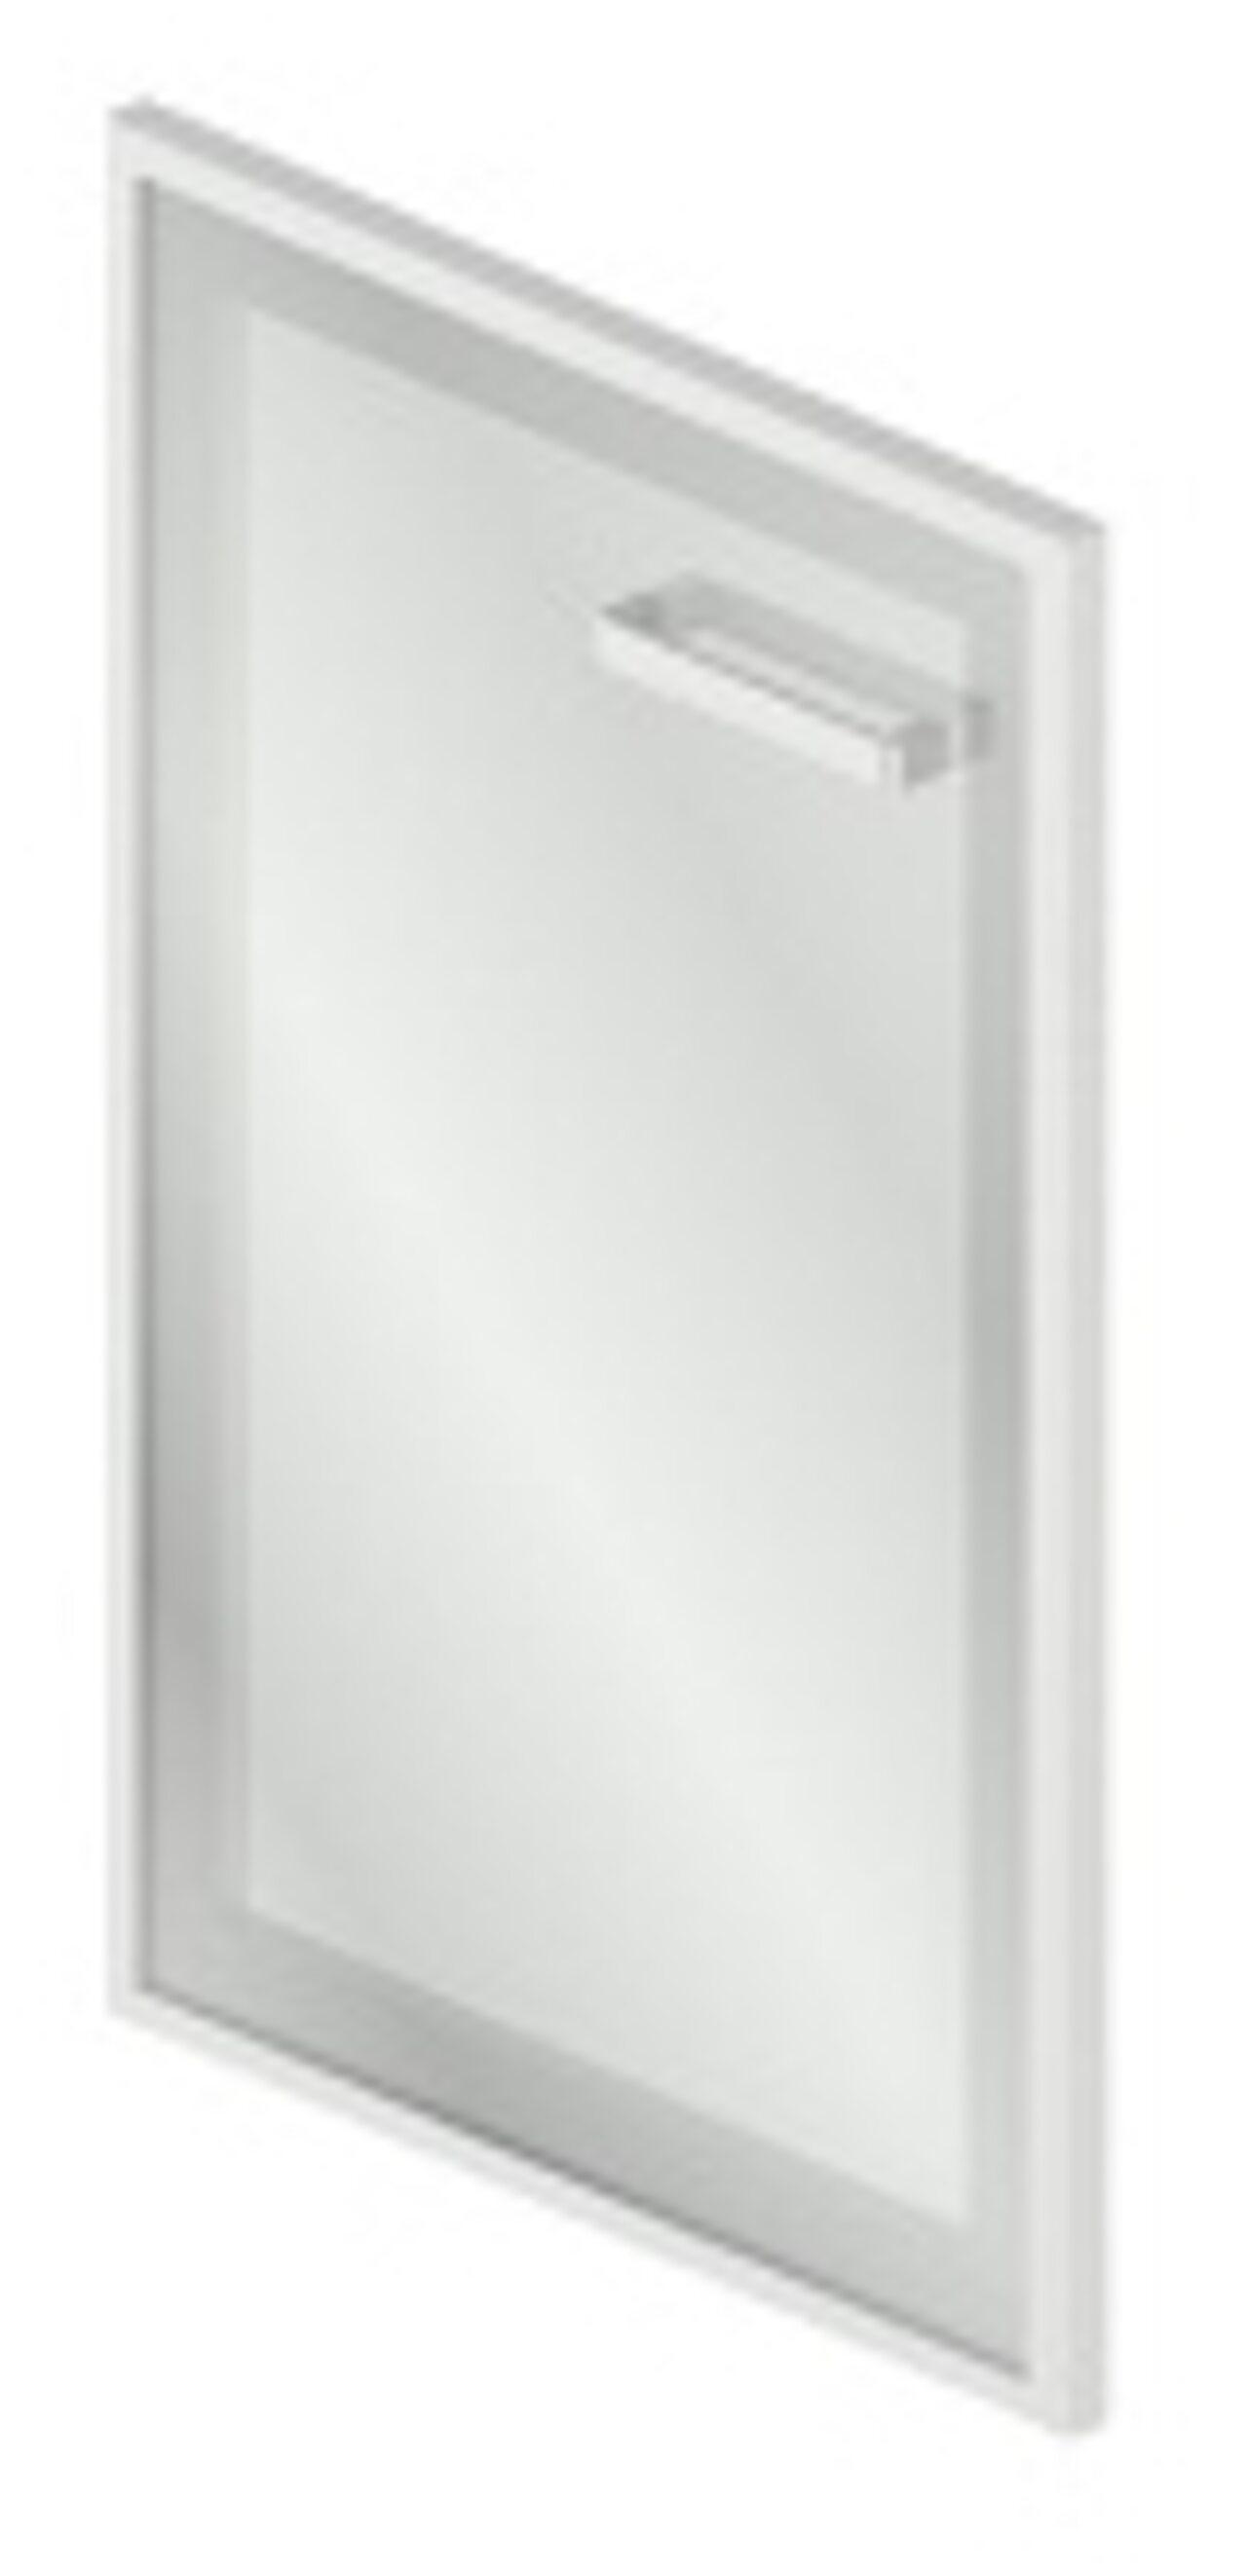 Дверь стеклянная в МДФ-рамке левая - фото 2